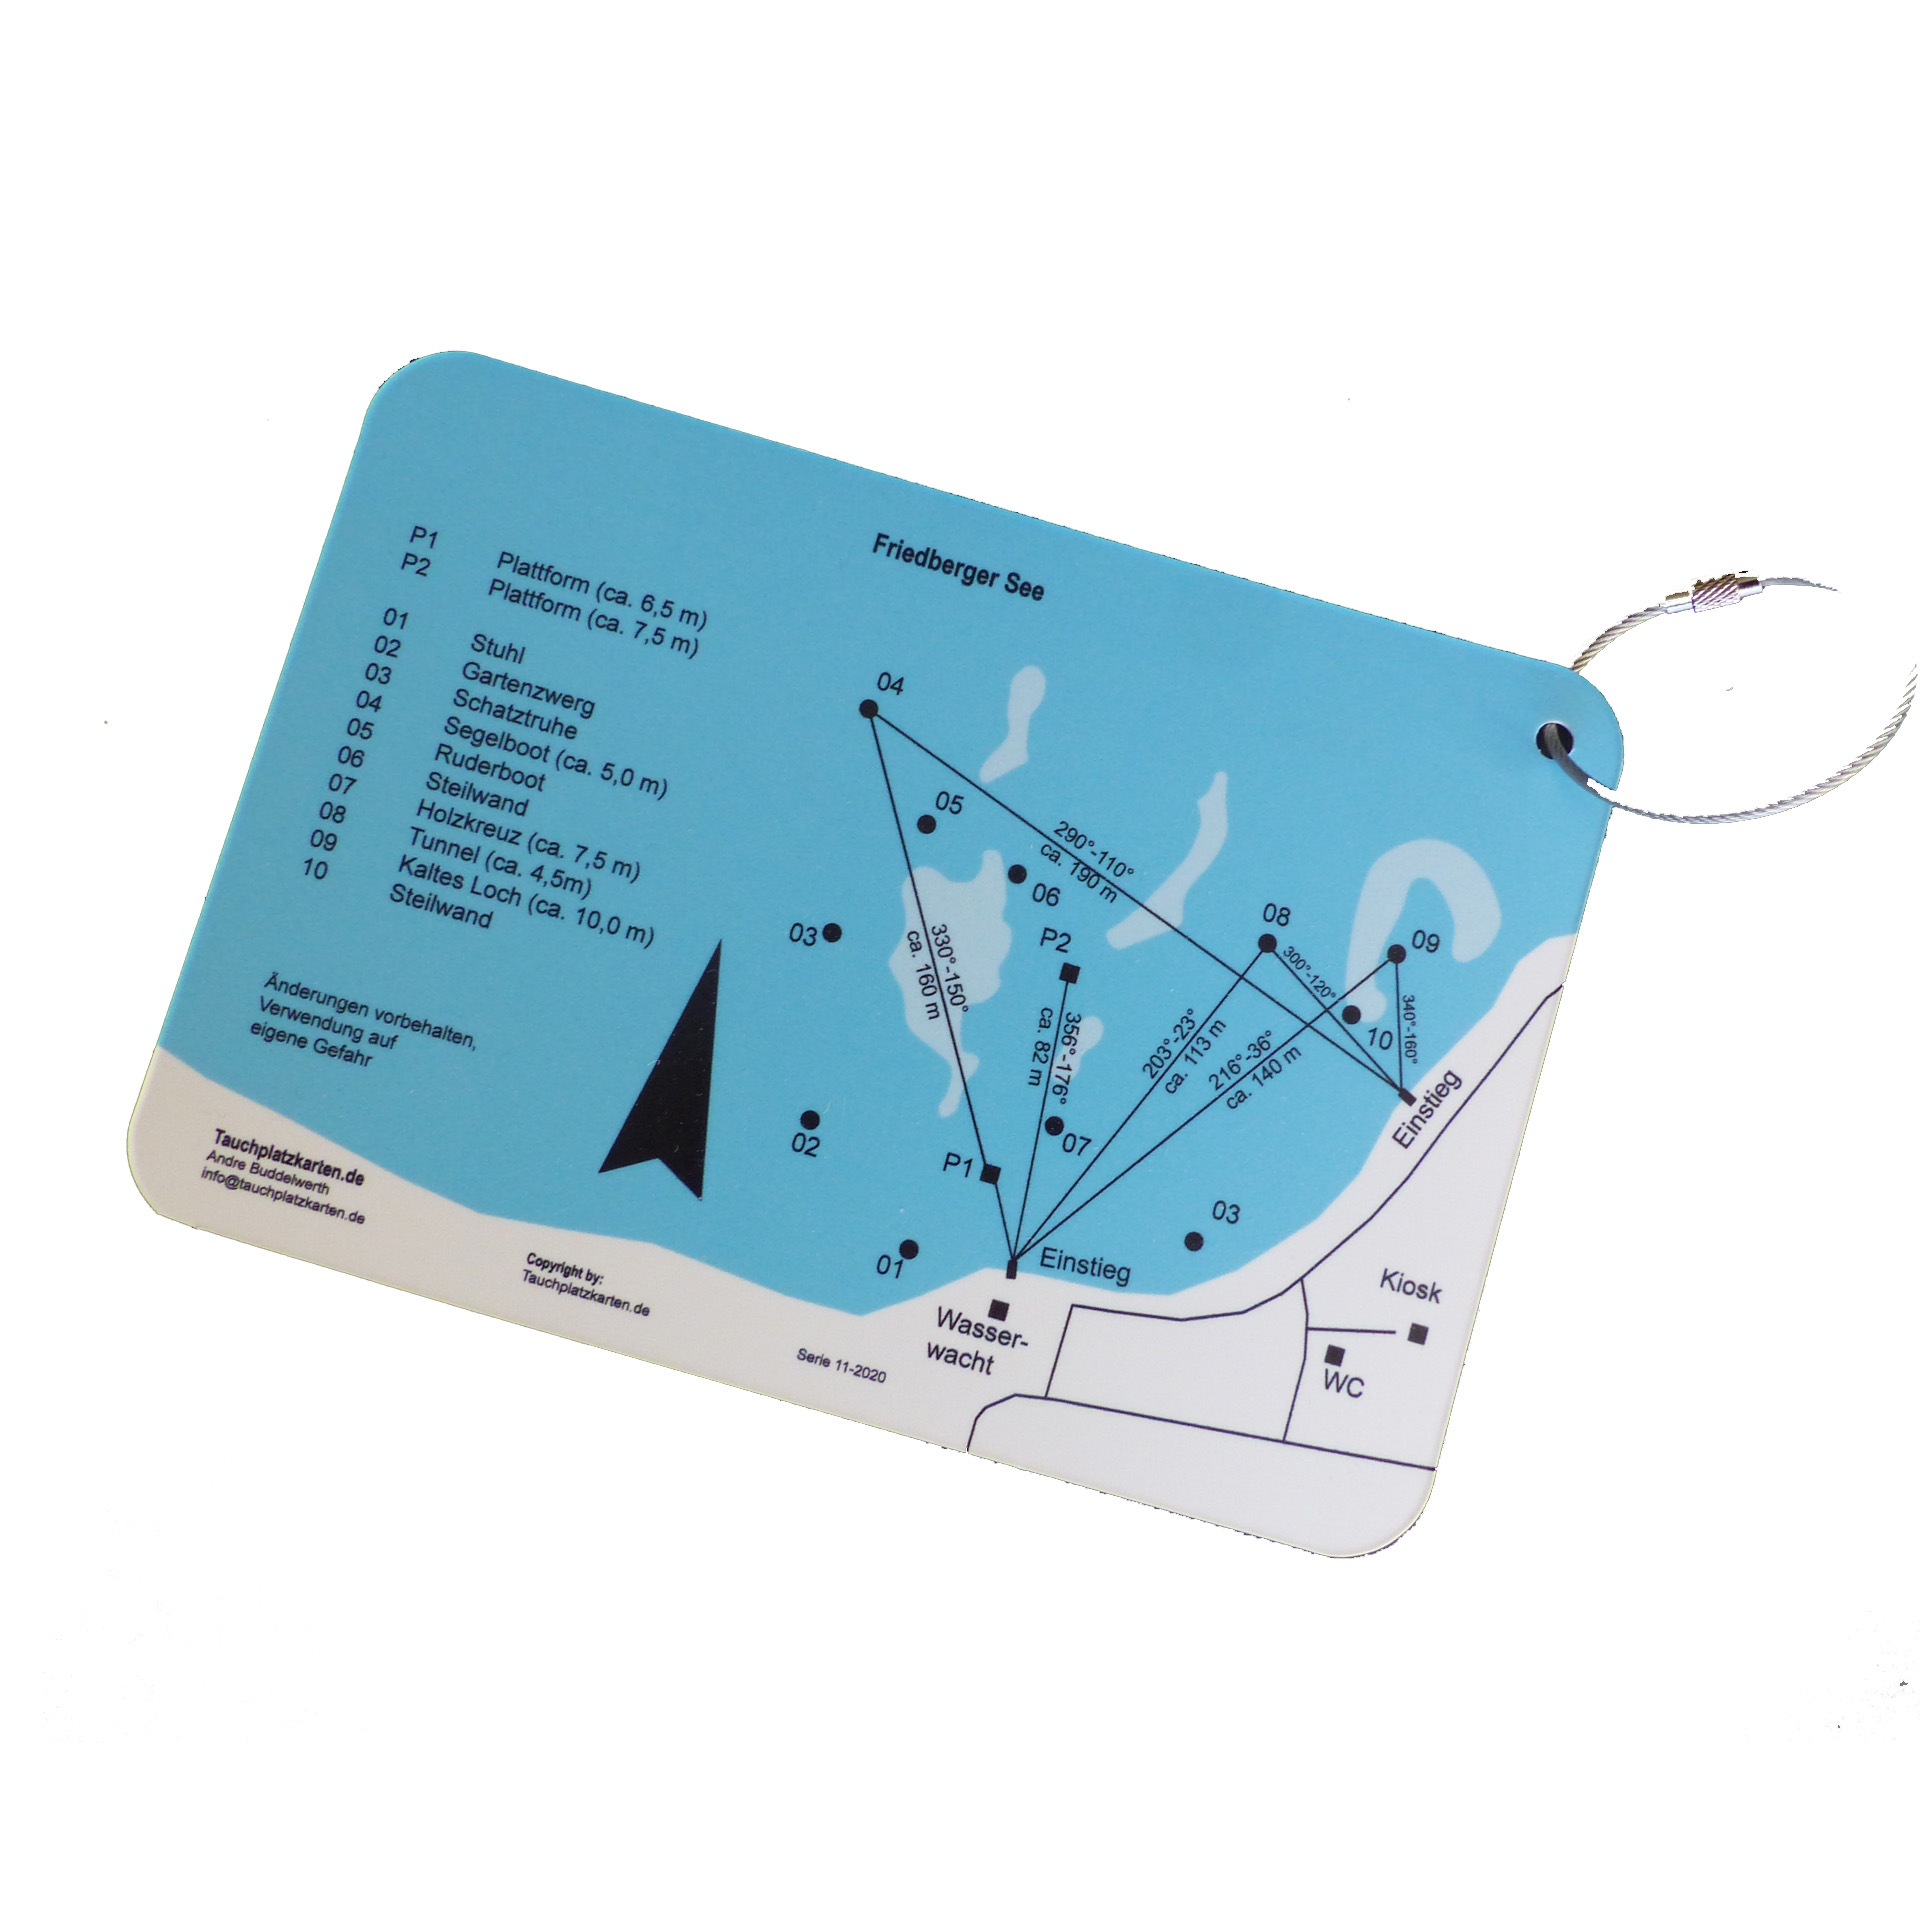 """Tauchplatzkarte """"Friedberger Baggersee"""""""